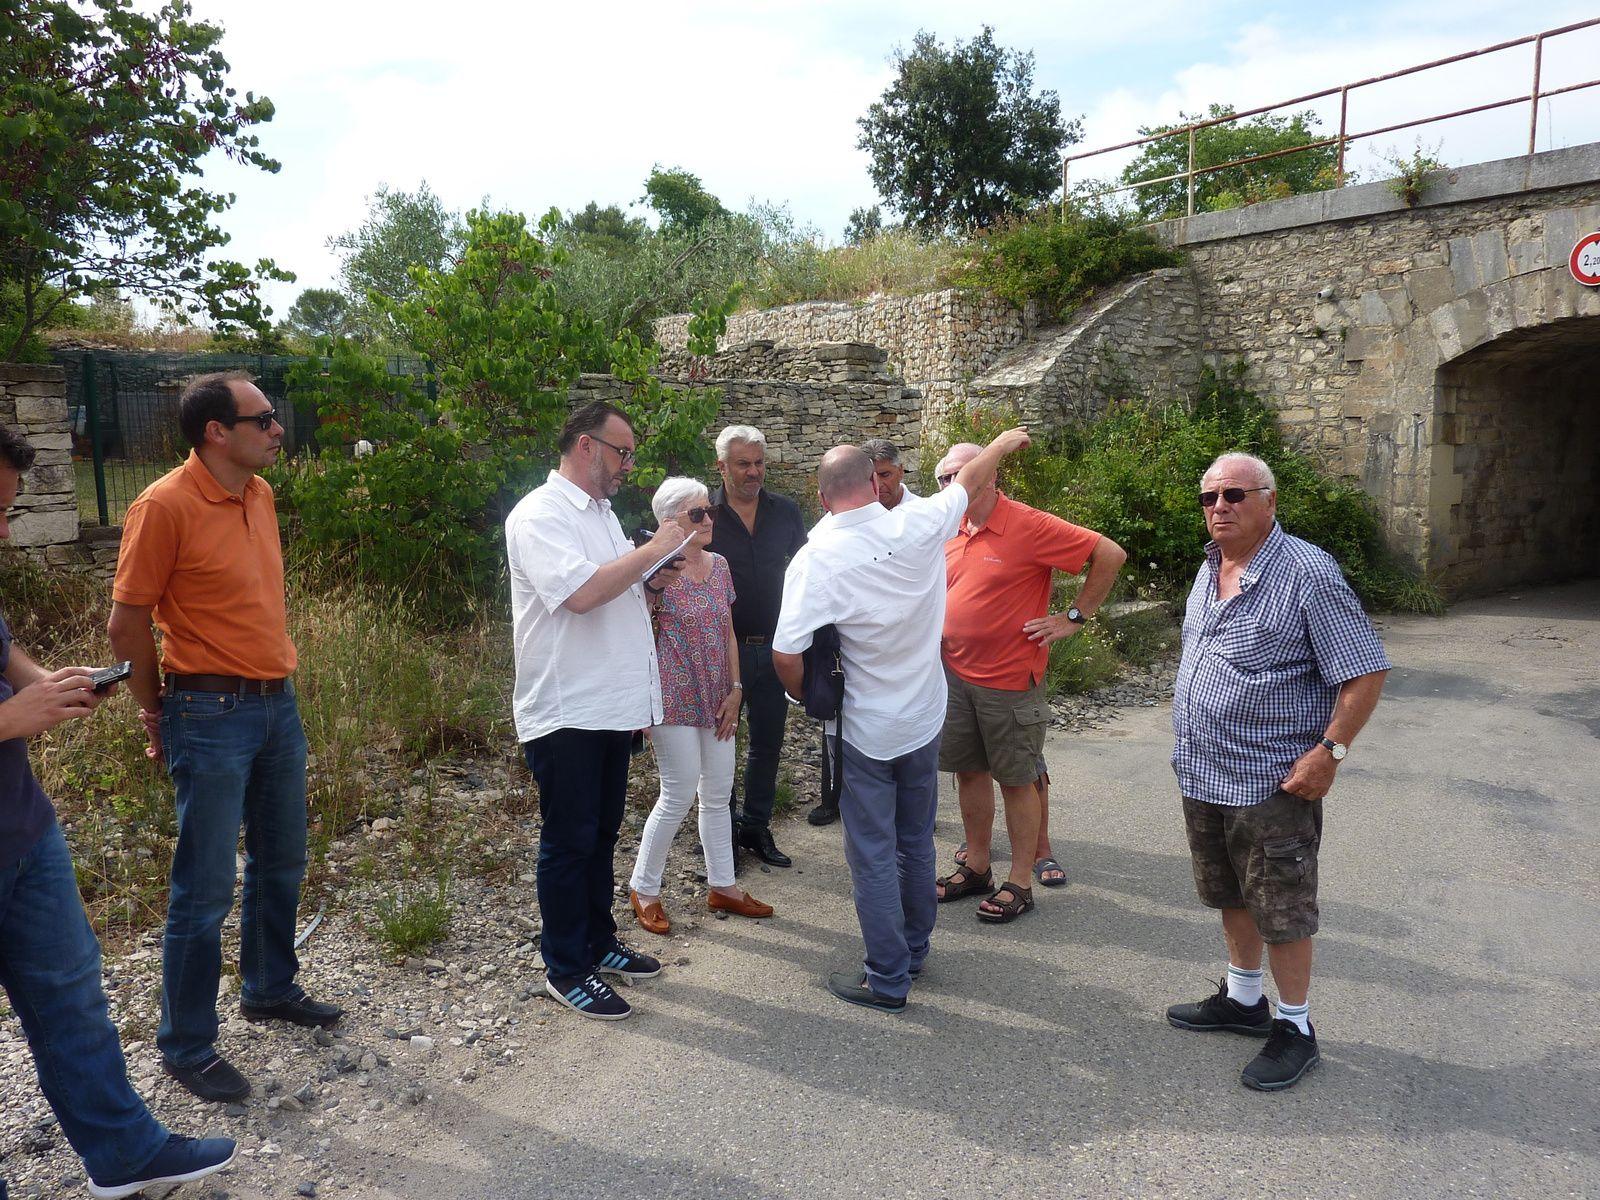 Rentcontre avec les élus, Madame Marie Chantal BARBUSSE et Monsieur Thierry PROCIDA,au pont du chemin de Villeverte à Nîmes